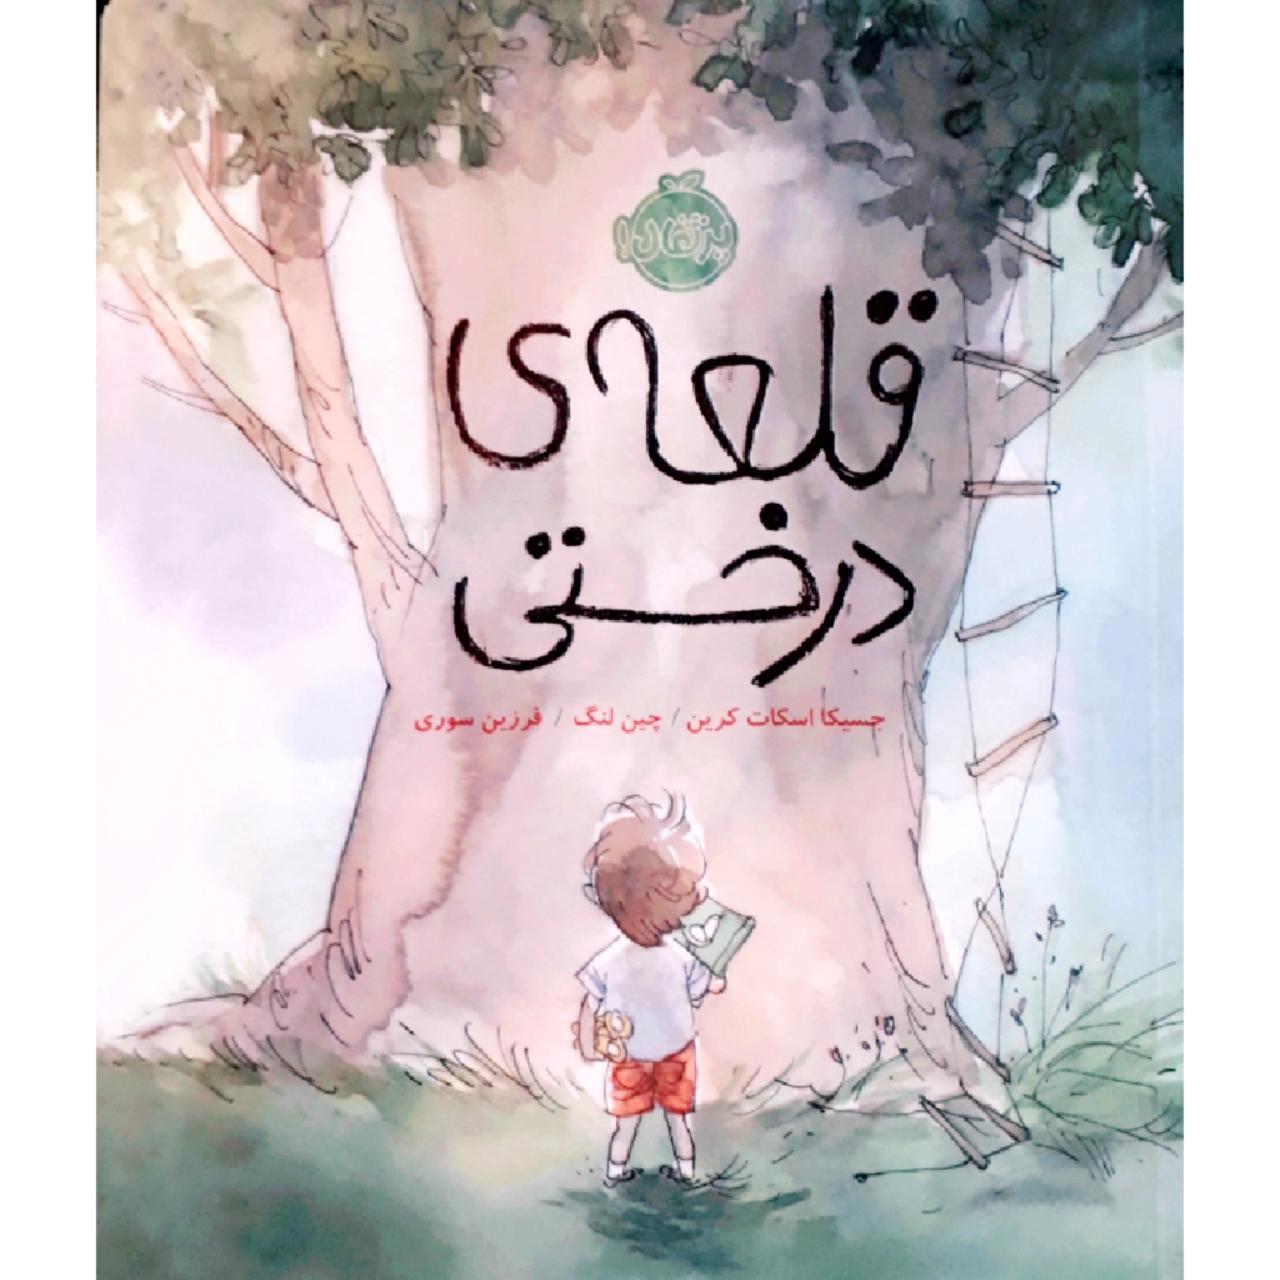 خرید                      کتاب قلعه ی درختی اثر جسیکا اسکات کرین و چین لنگ انتشارات پرتقال